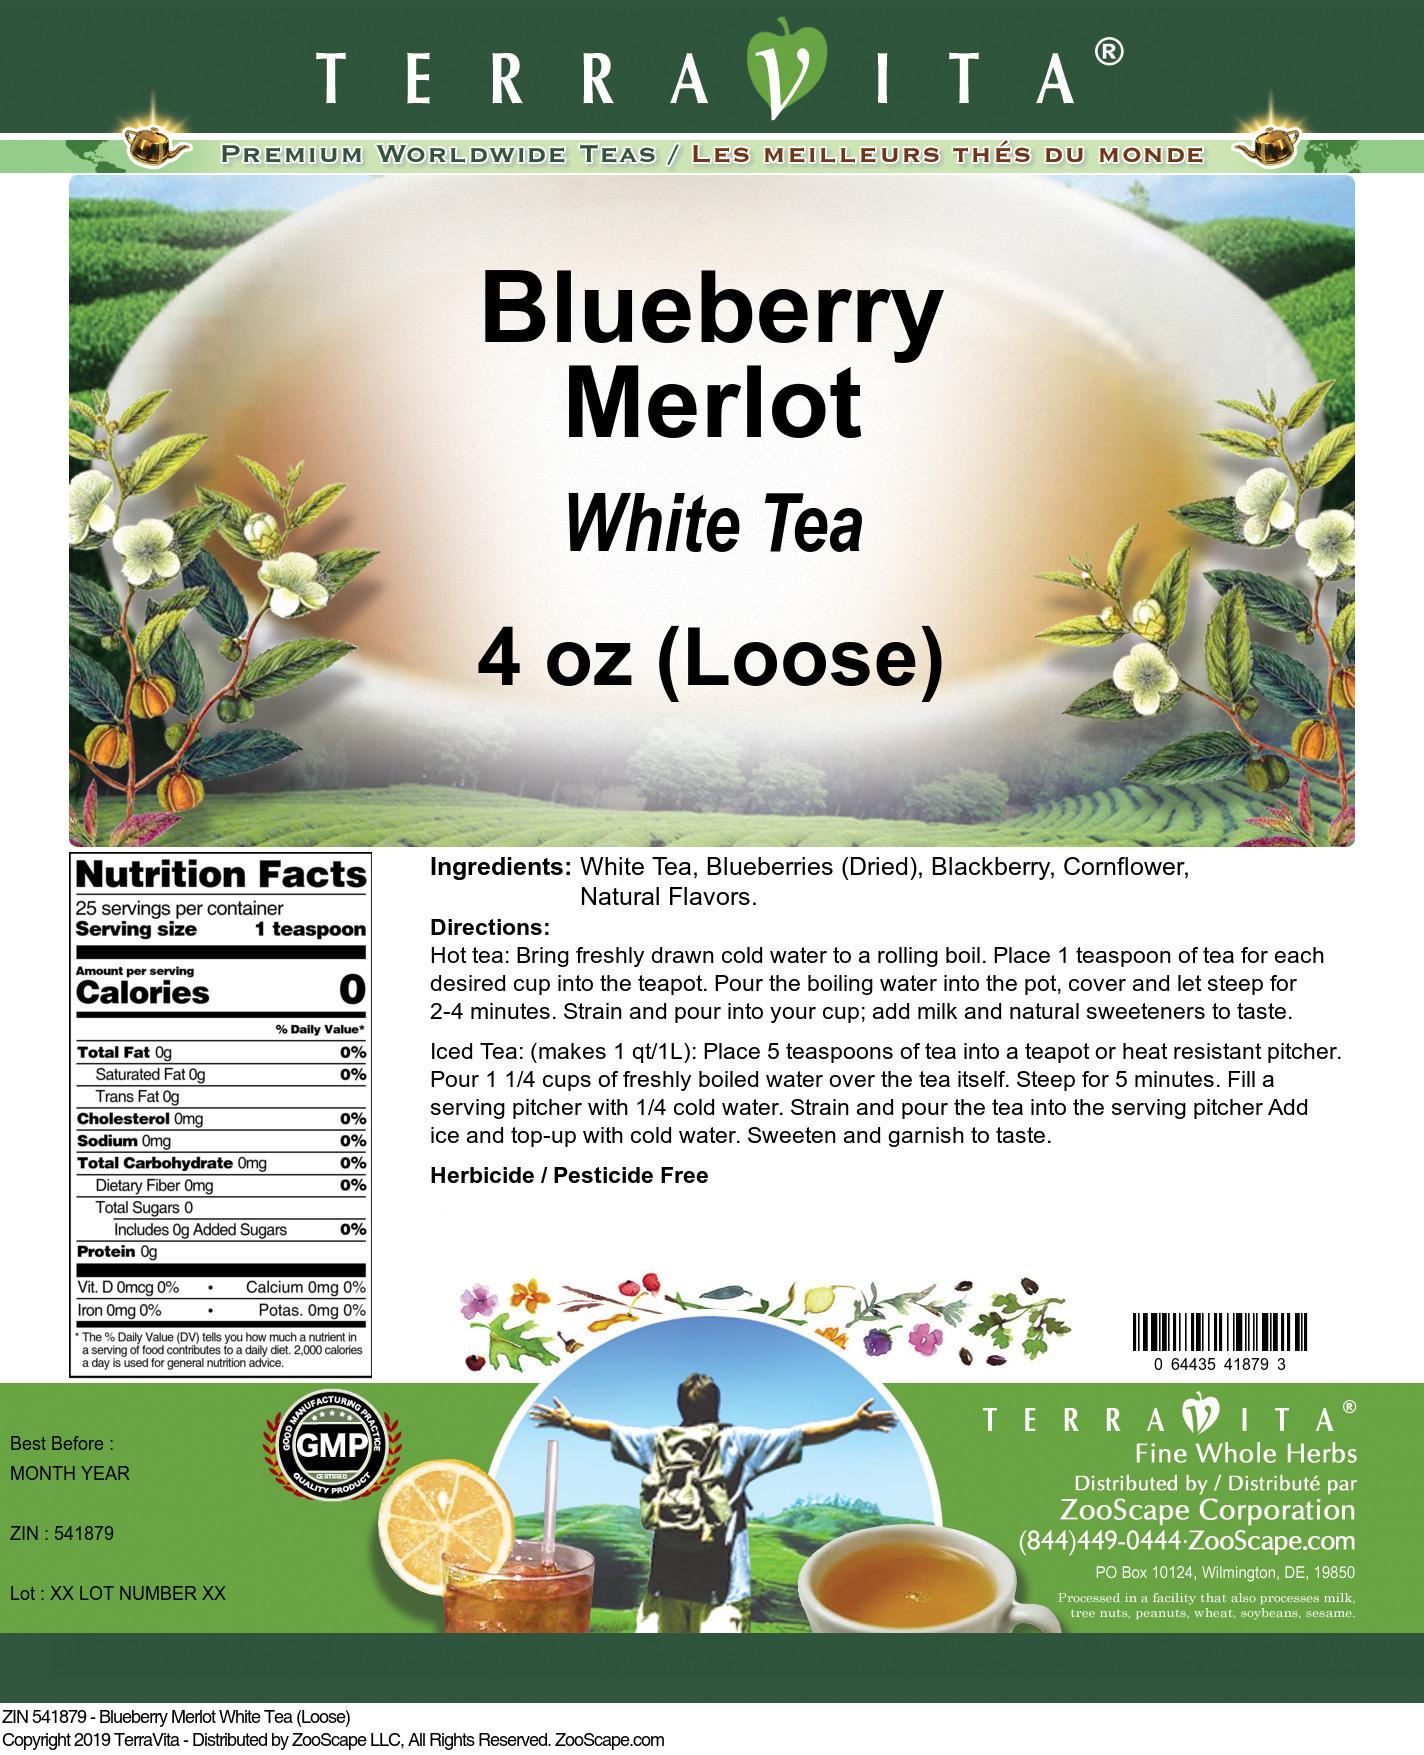 Blueberry Merlot White Tea